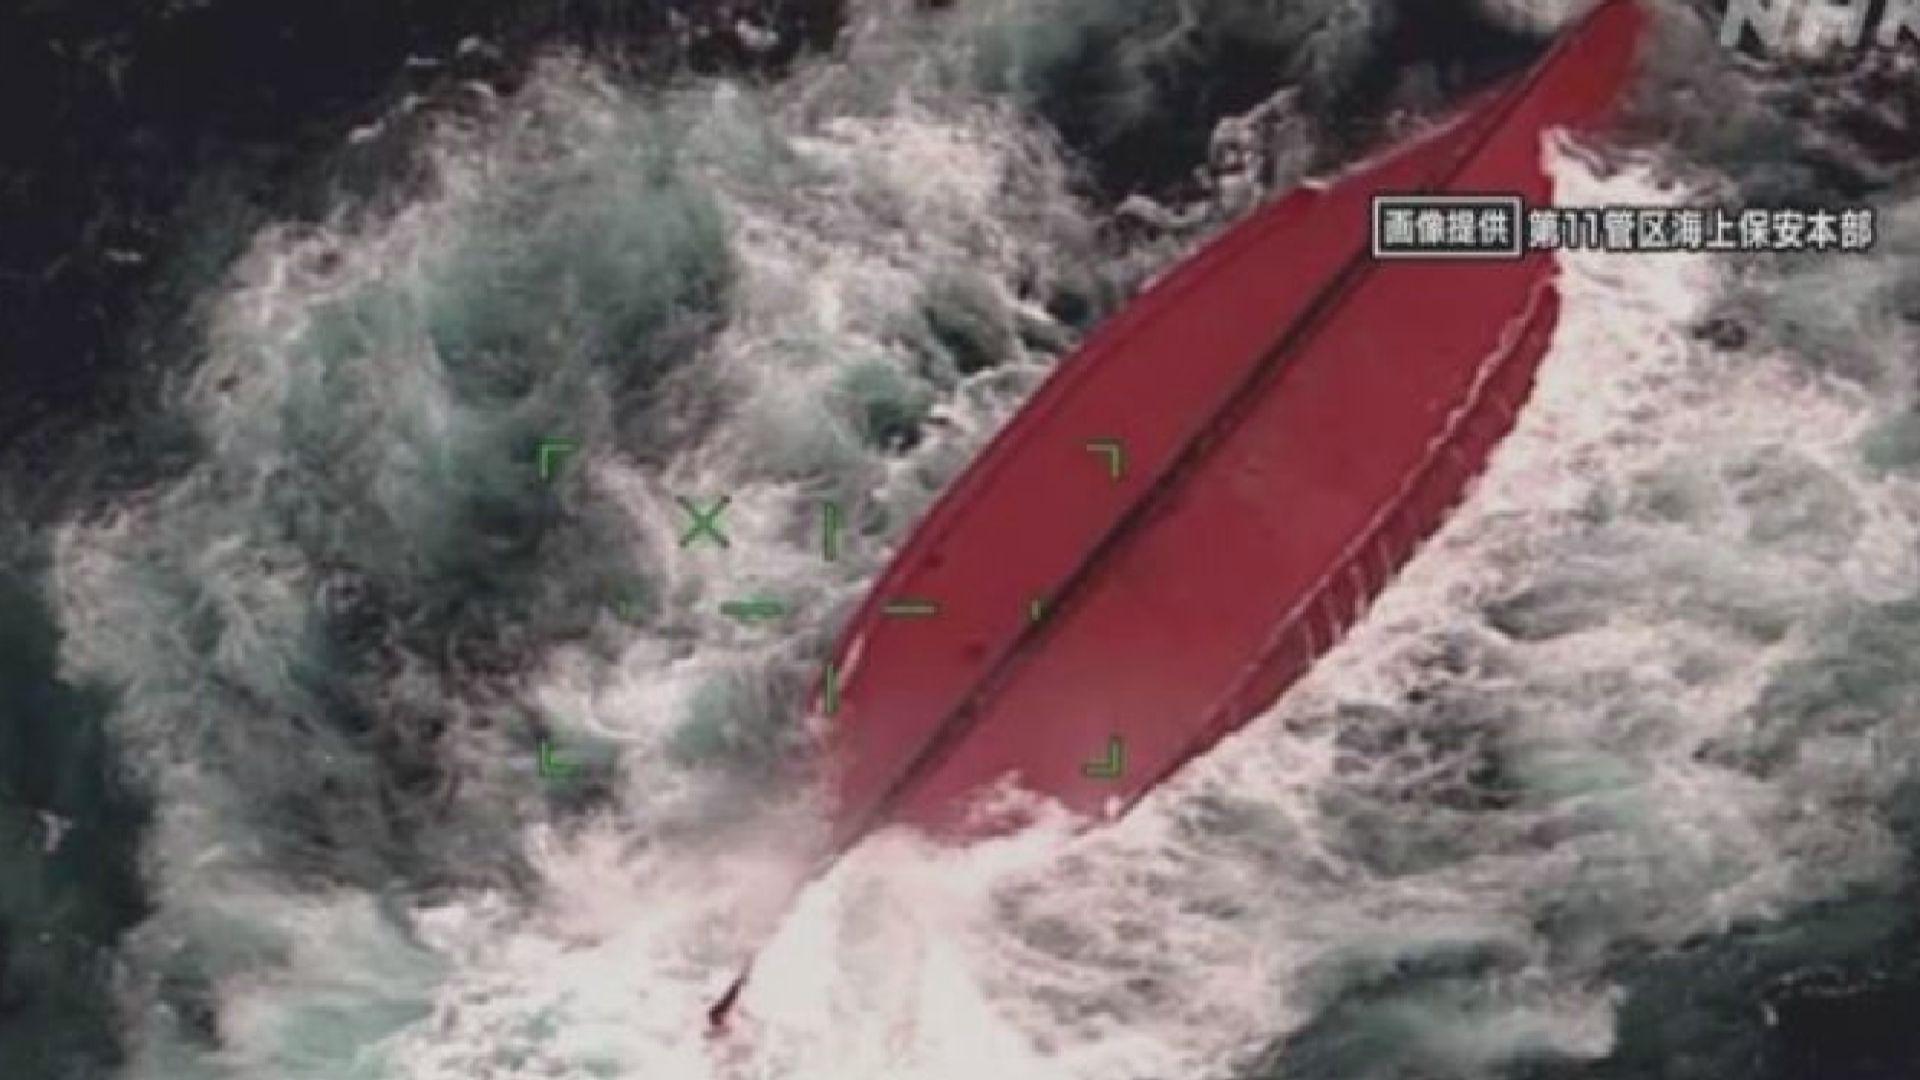 中國漁船石垣島以北翻沉 5人失蹤